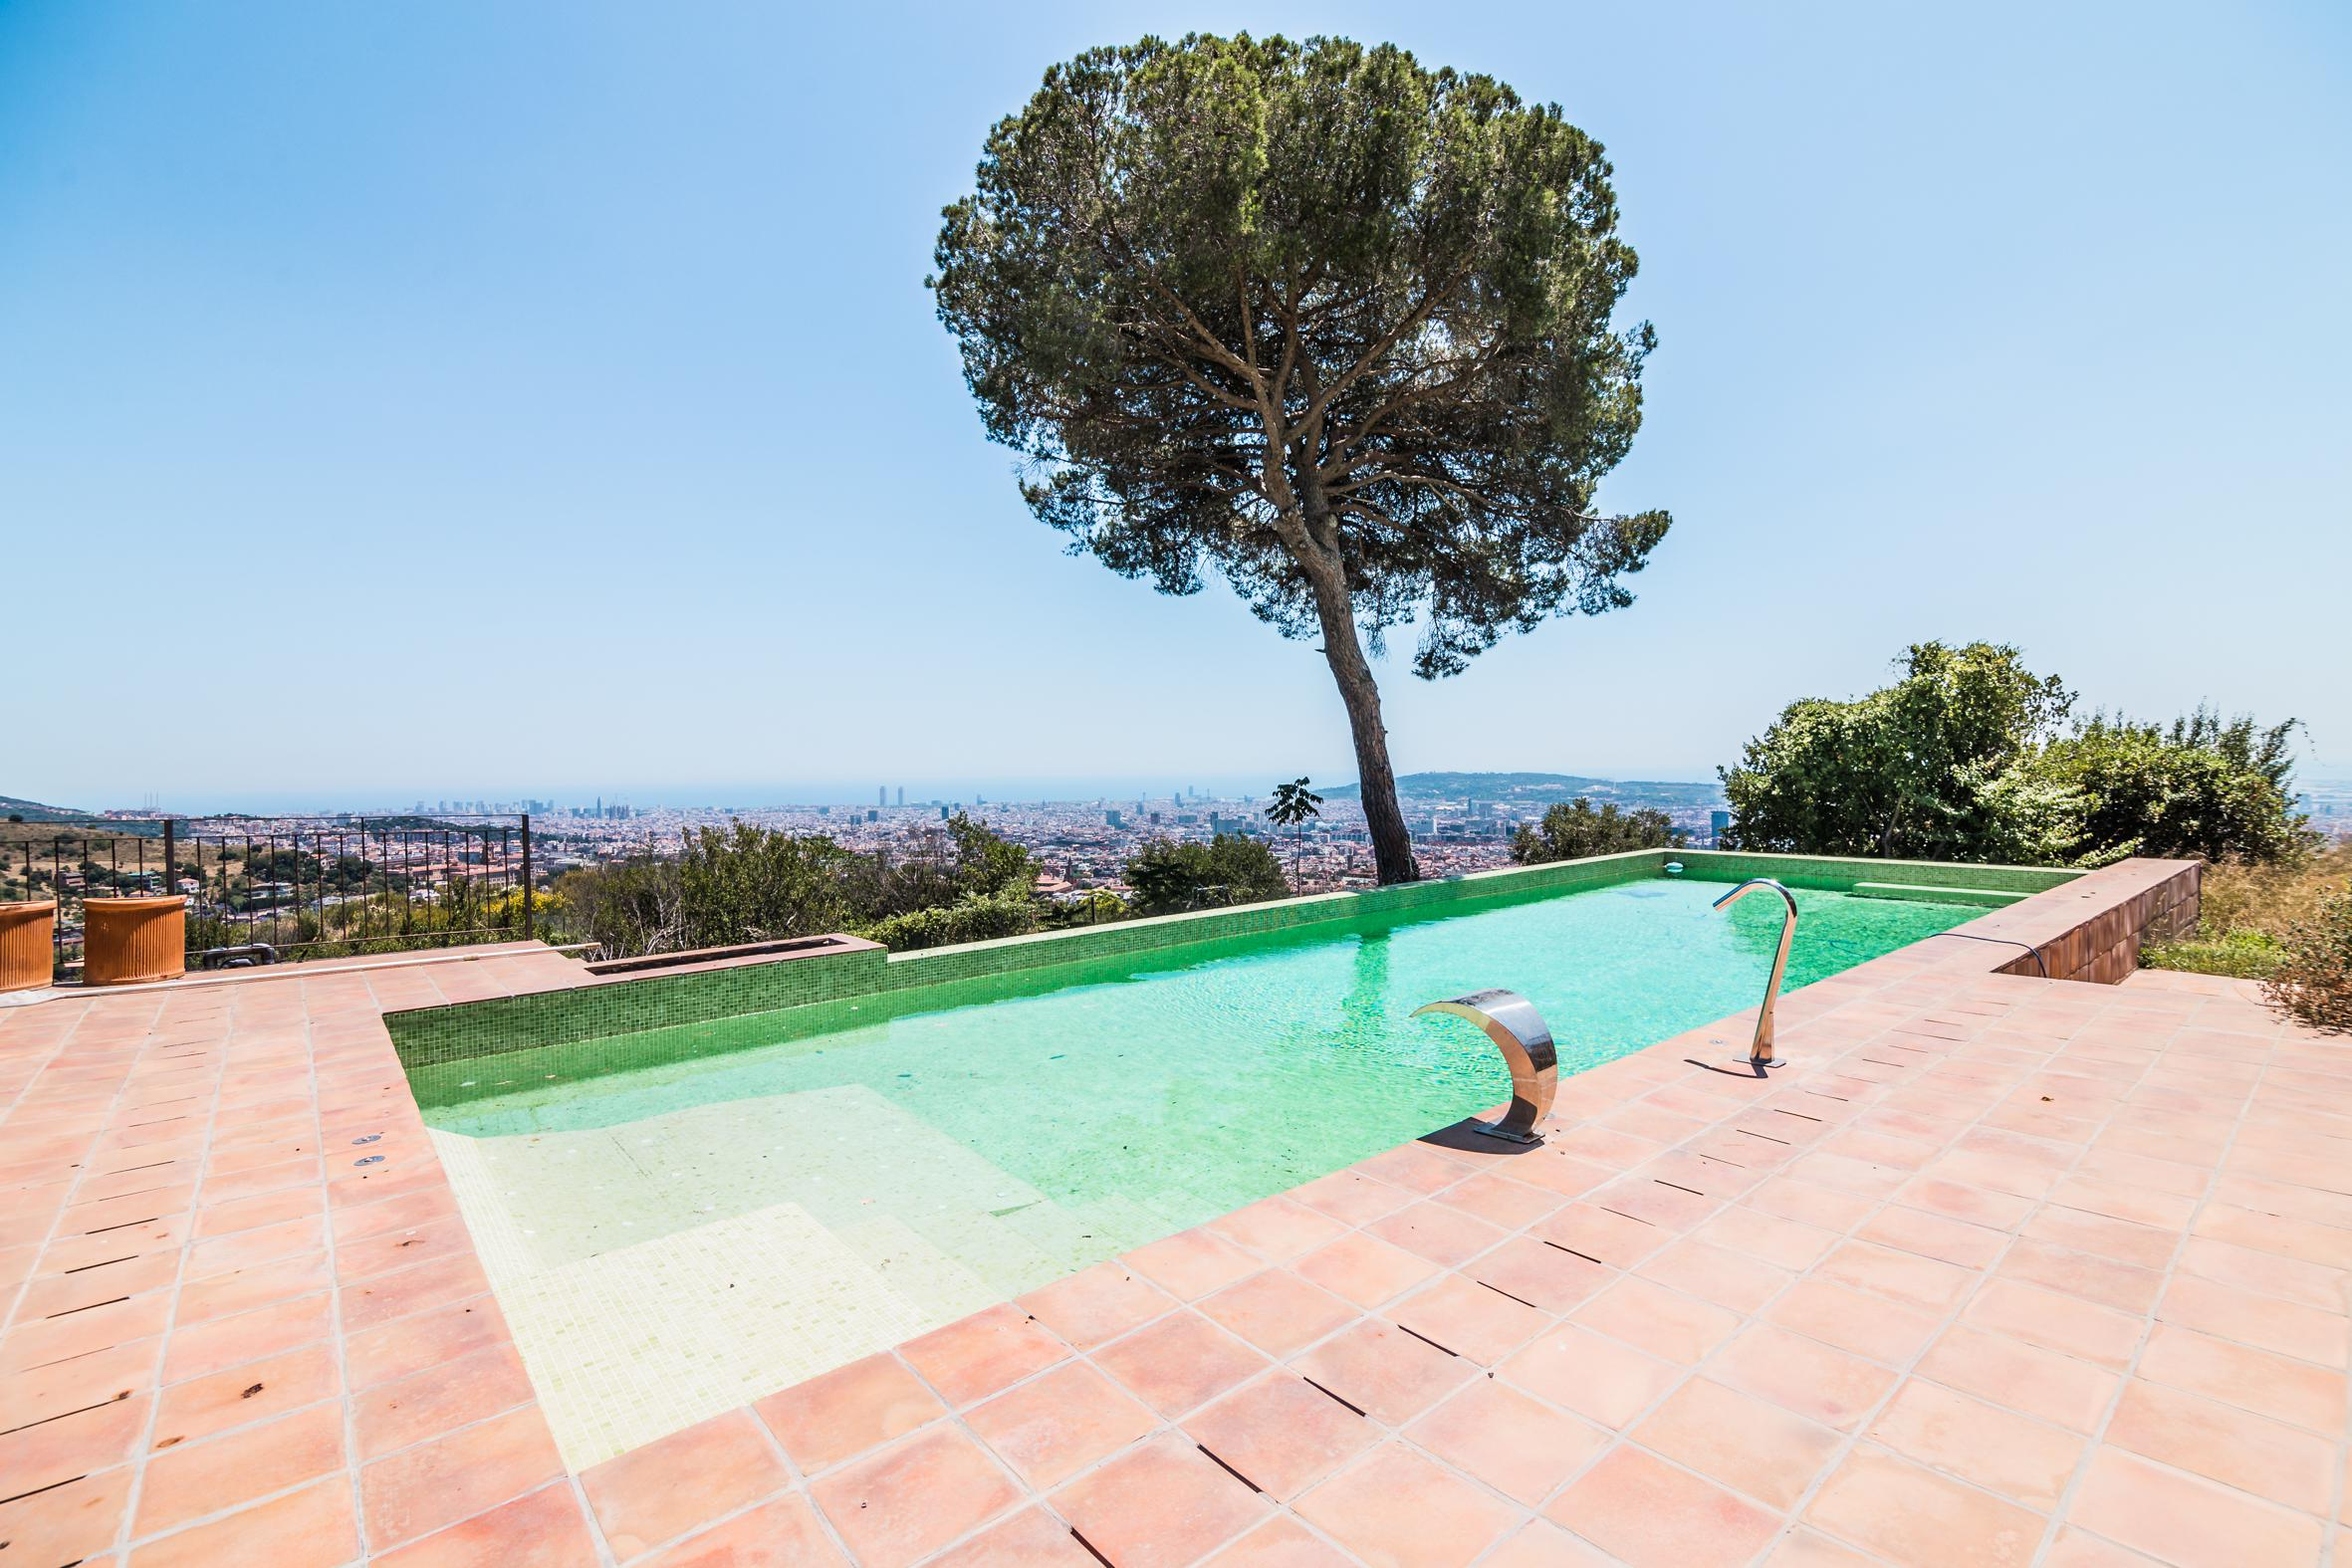 208148 Casa Aislada en venta en Sarrià-Sant Gervasi, Sarrià 16